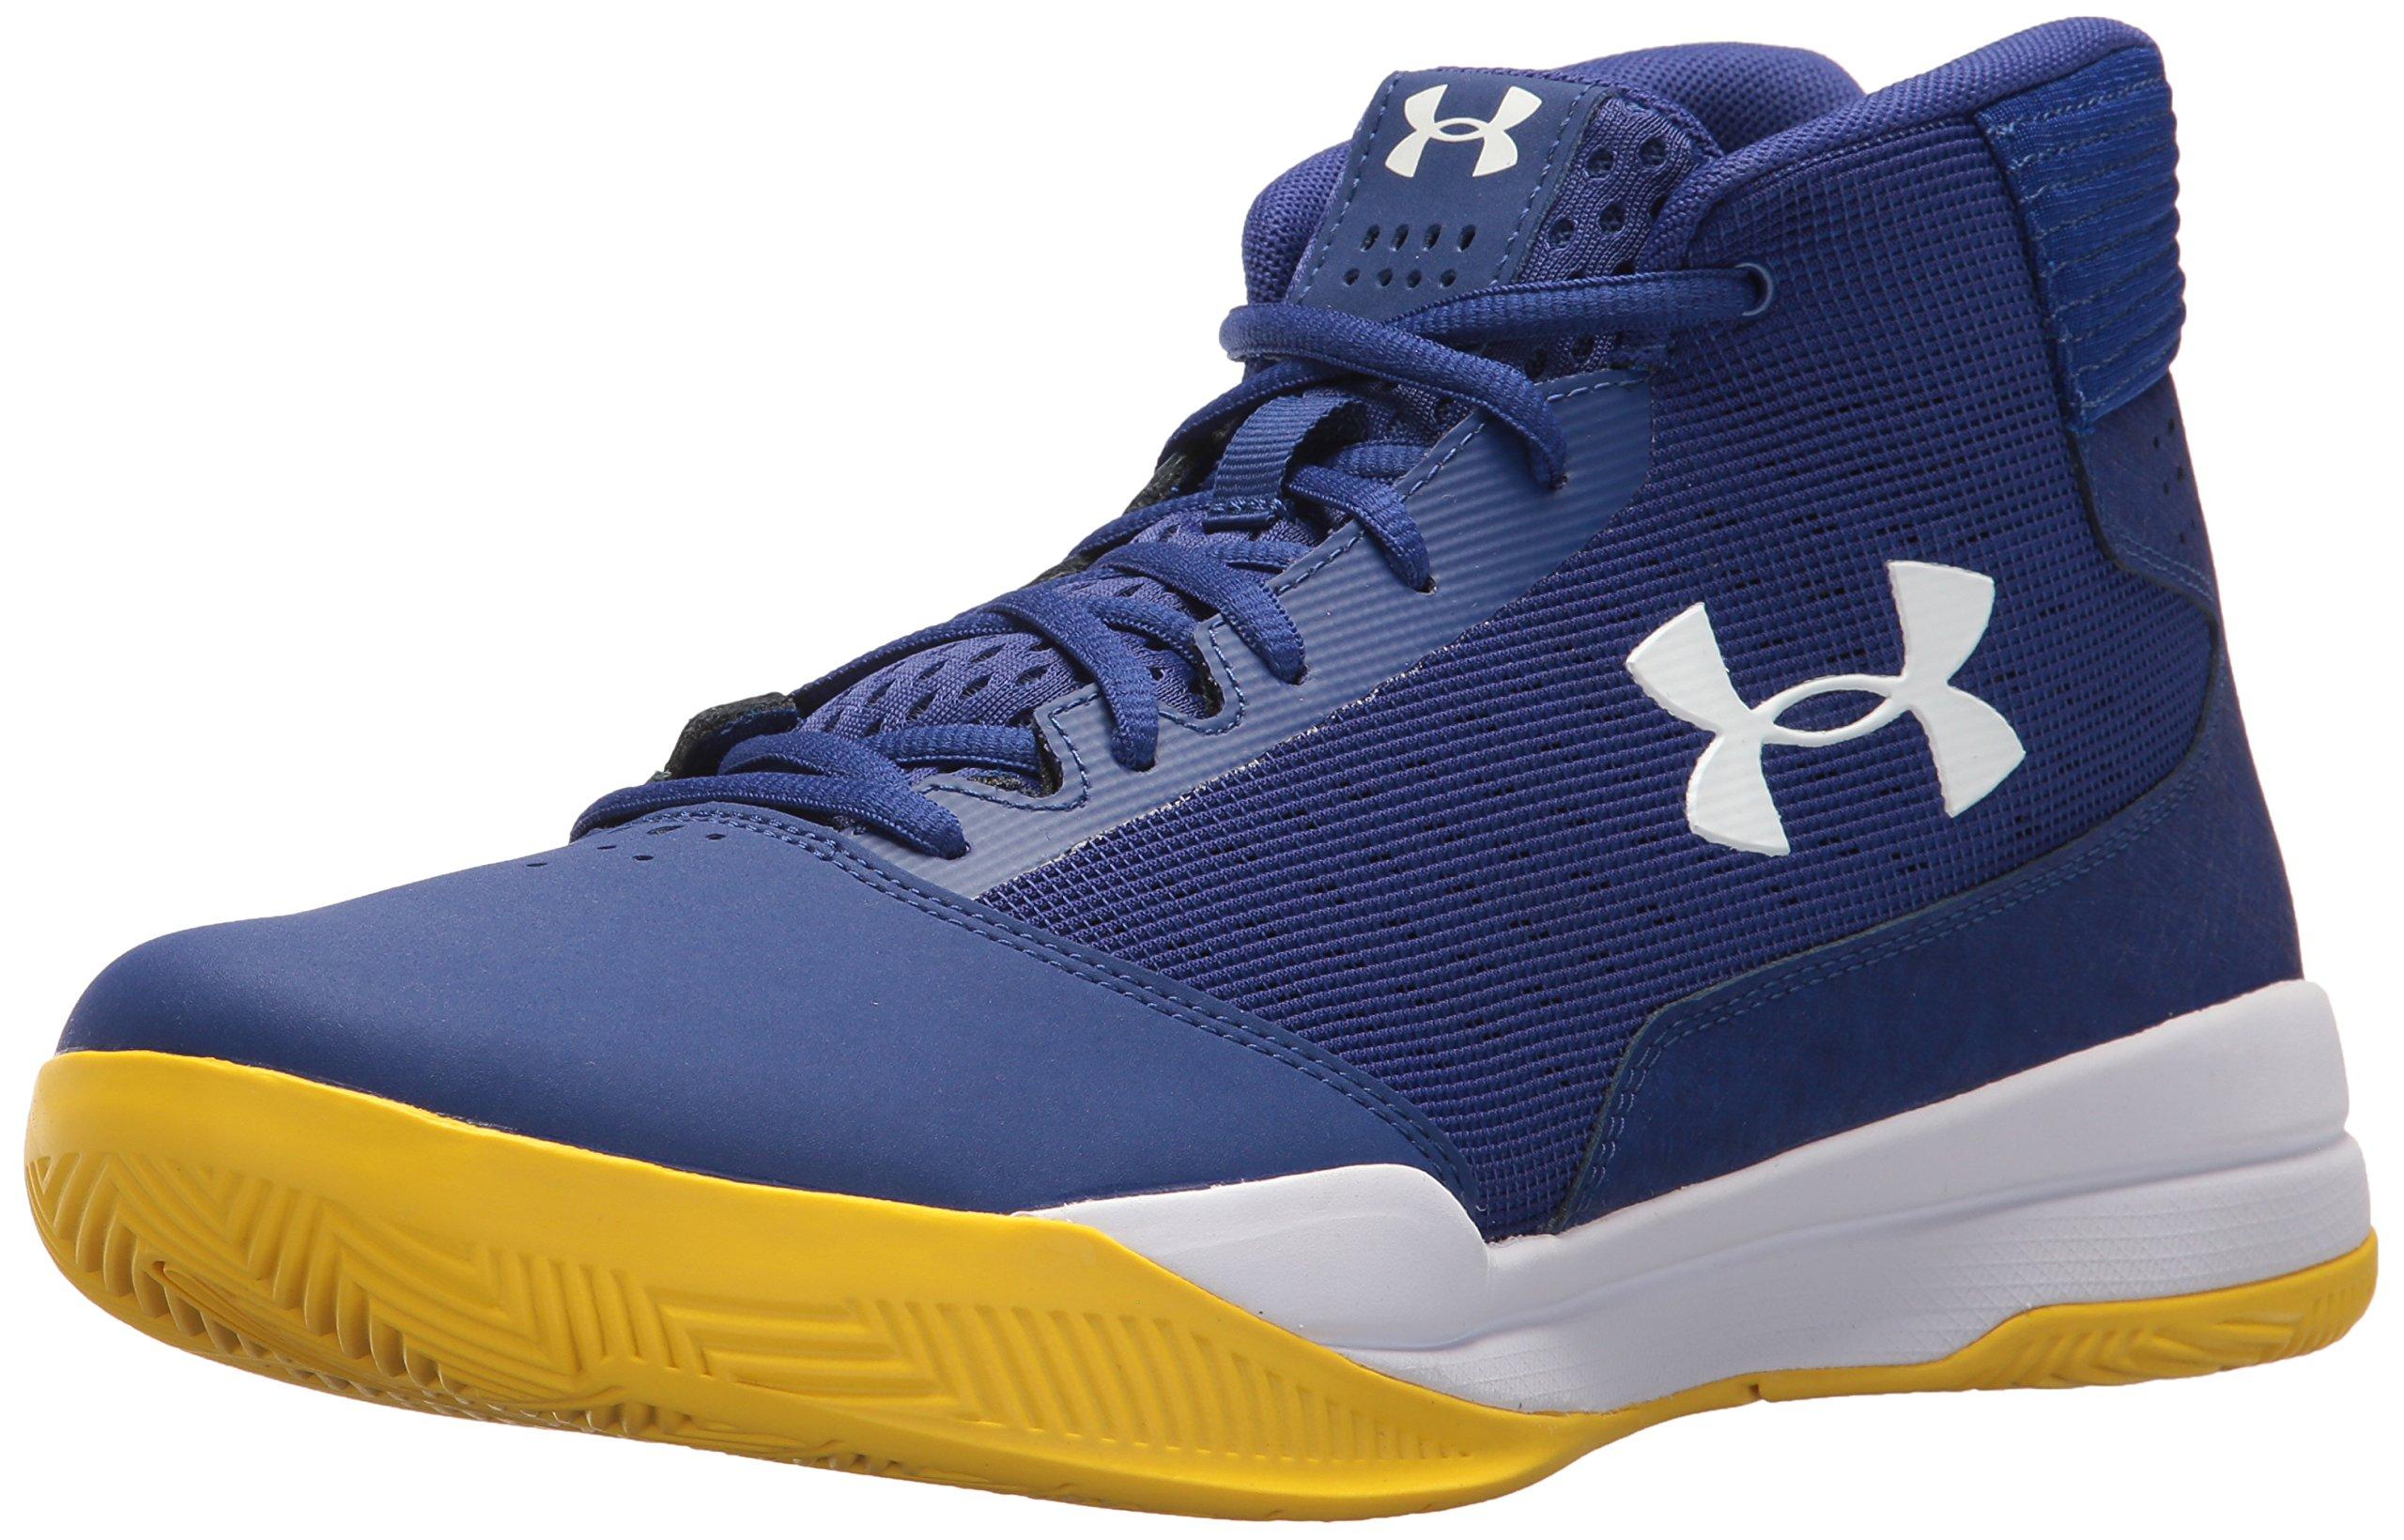 Mid Jet Eu HommeBleuformation Under ShoesChaussures Armour Men's Blue45 Basketball Ybf76yg